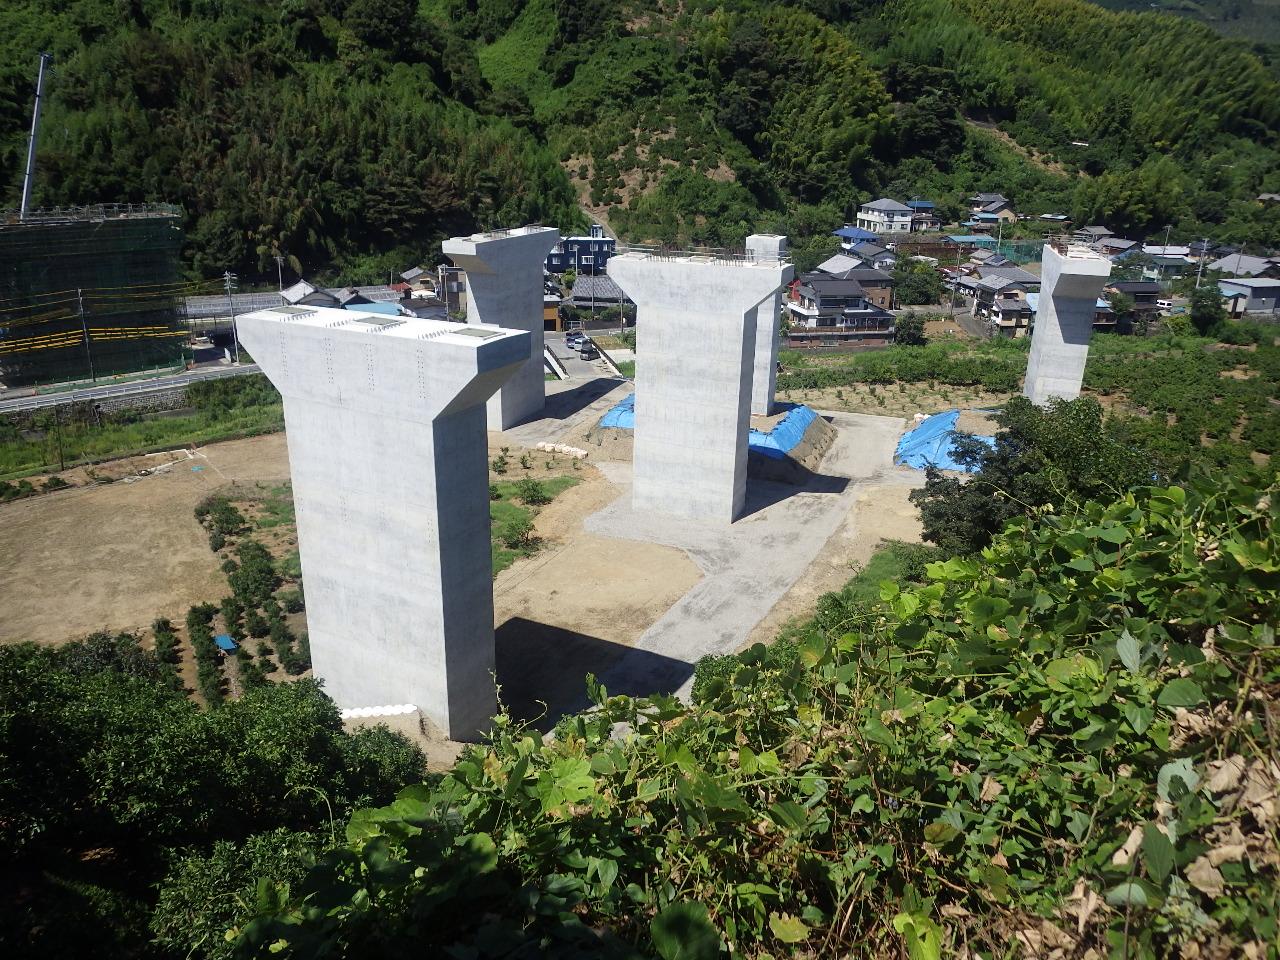 H26 伊佐布高架橋(庵原川左岸)下部工工事